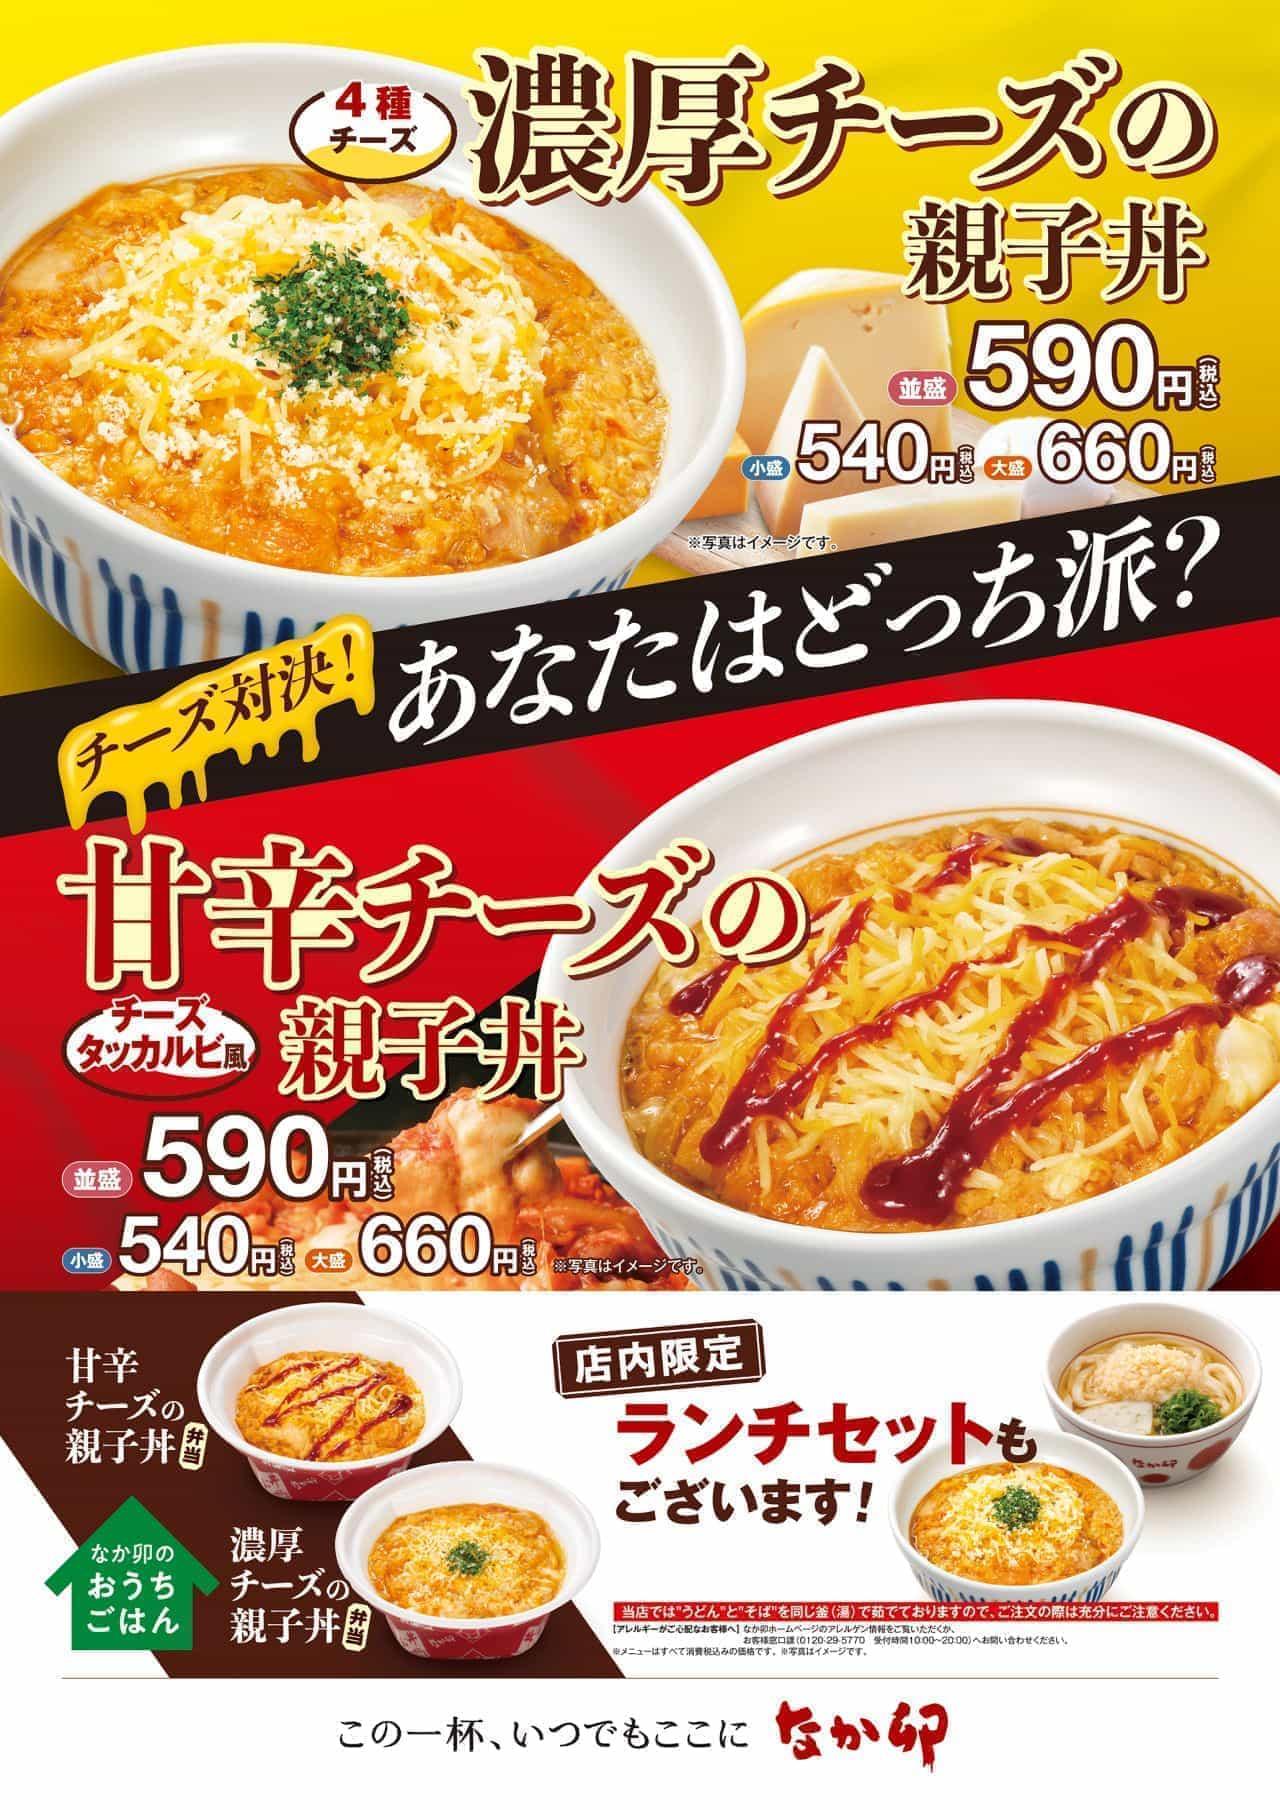 なか卯「濃厚チーズの親子丼」「甘辛チーズの親子丼」